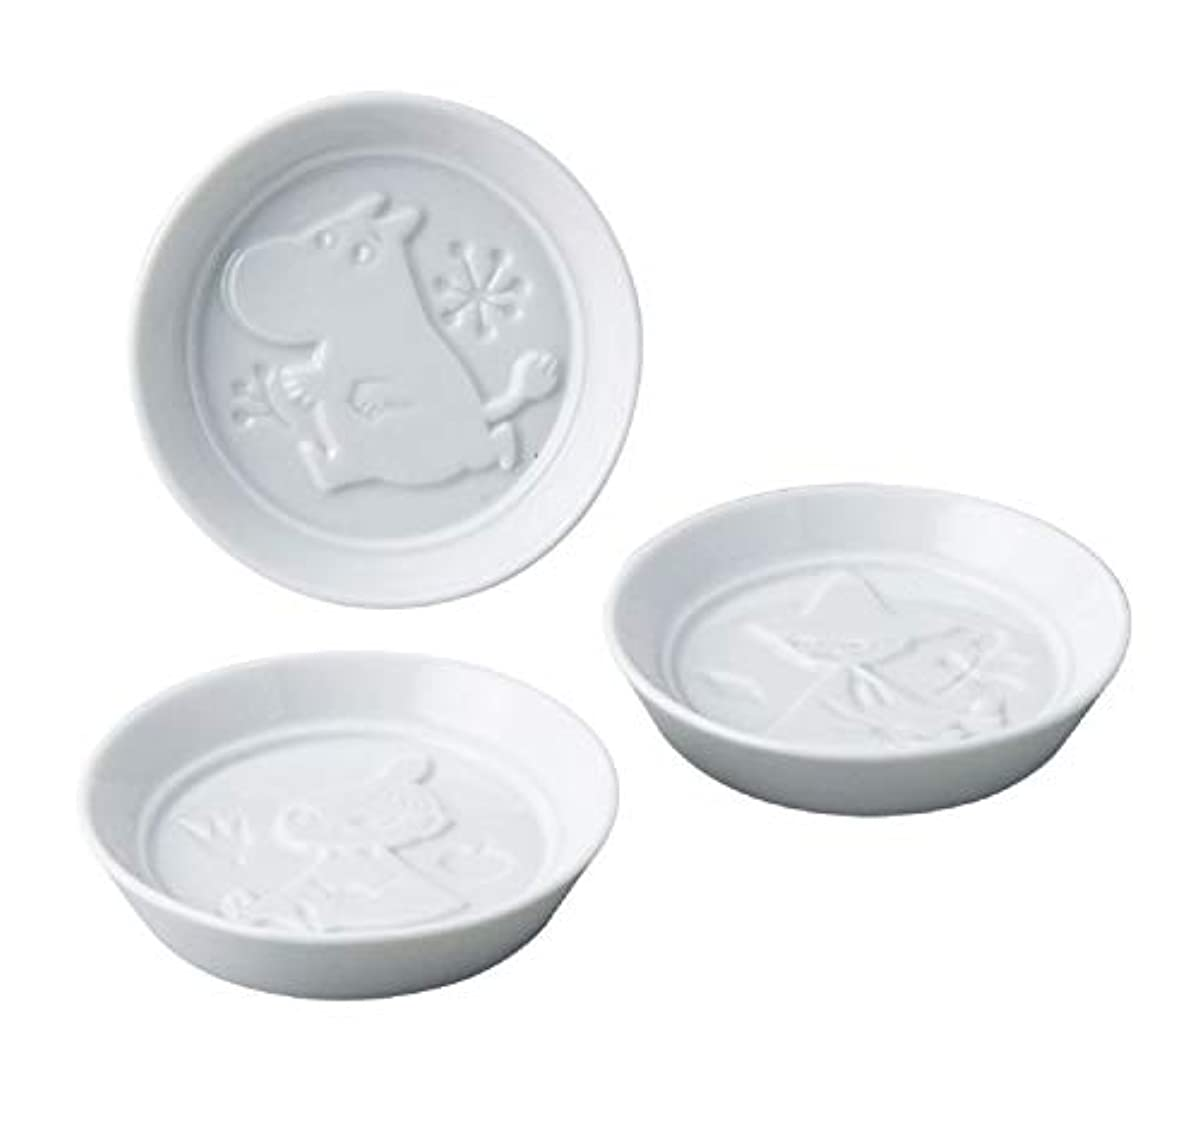 [해외] 무민 간장종지 소스 접시 세트 3P